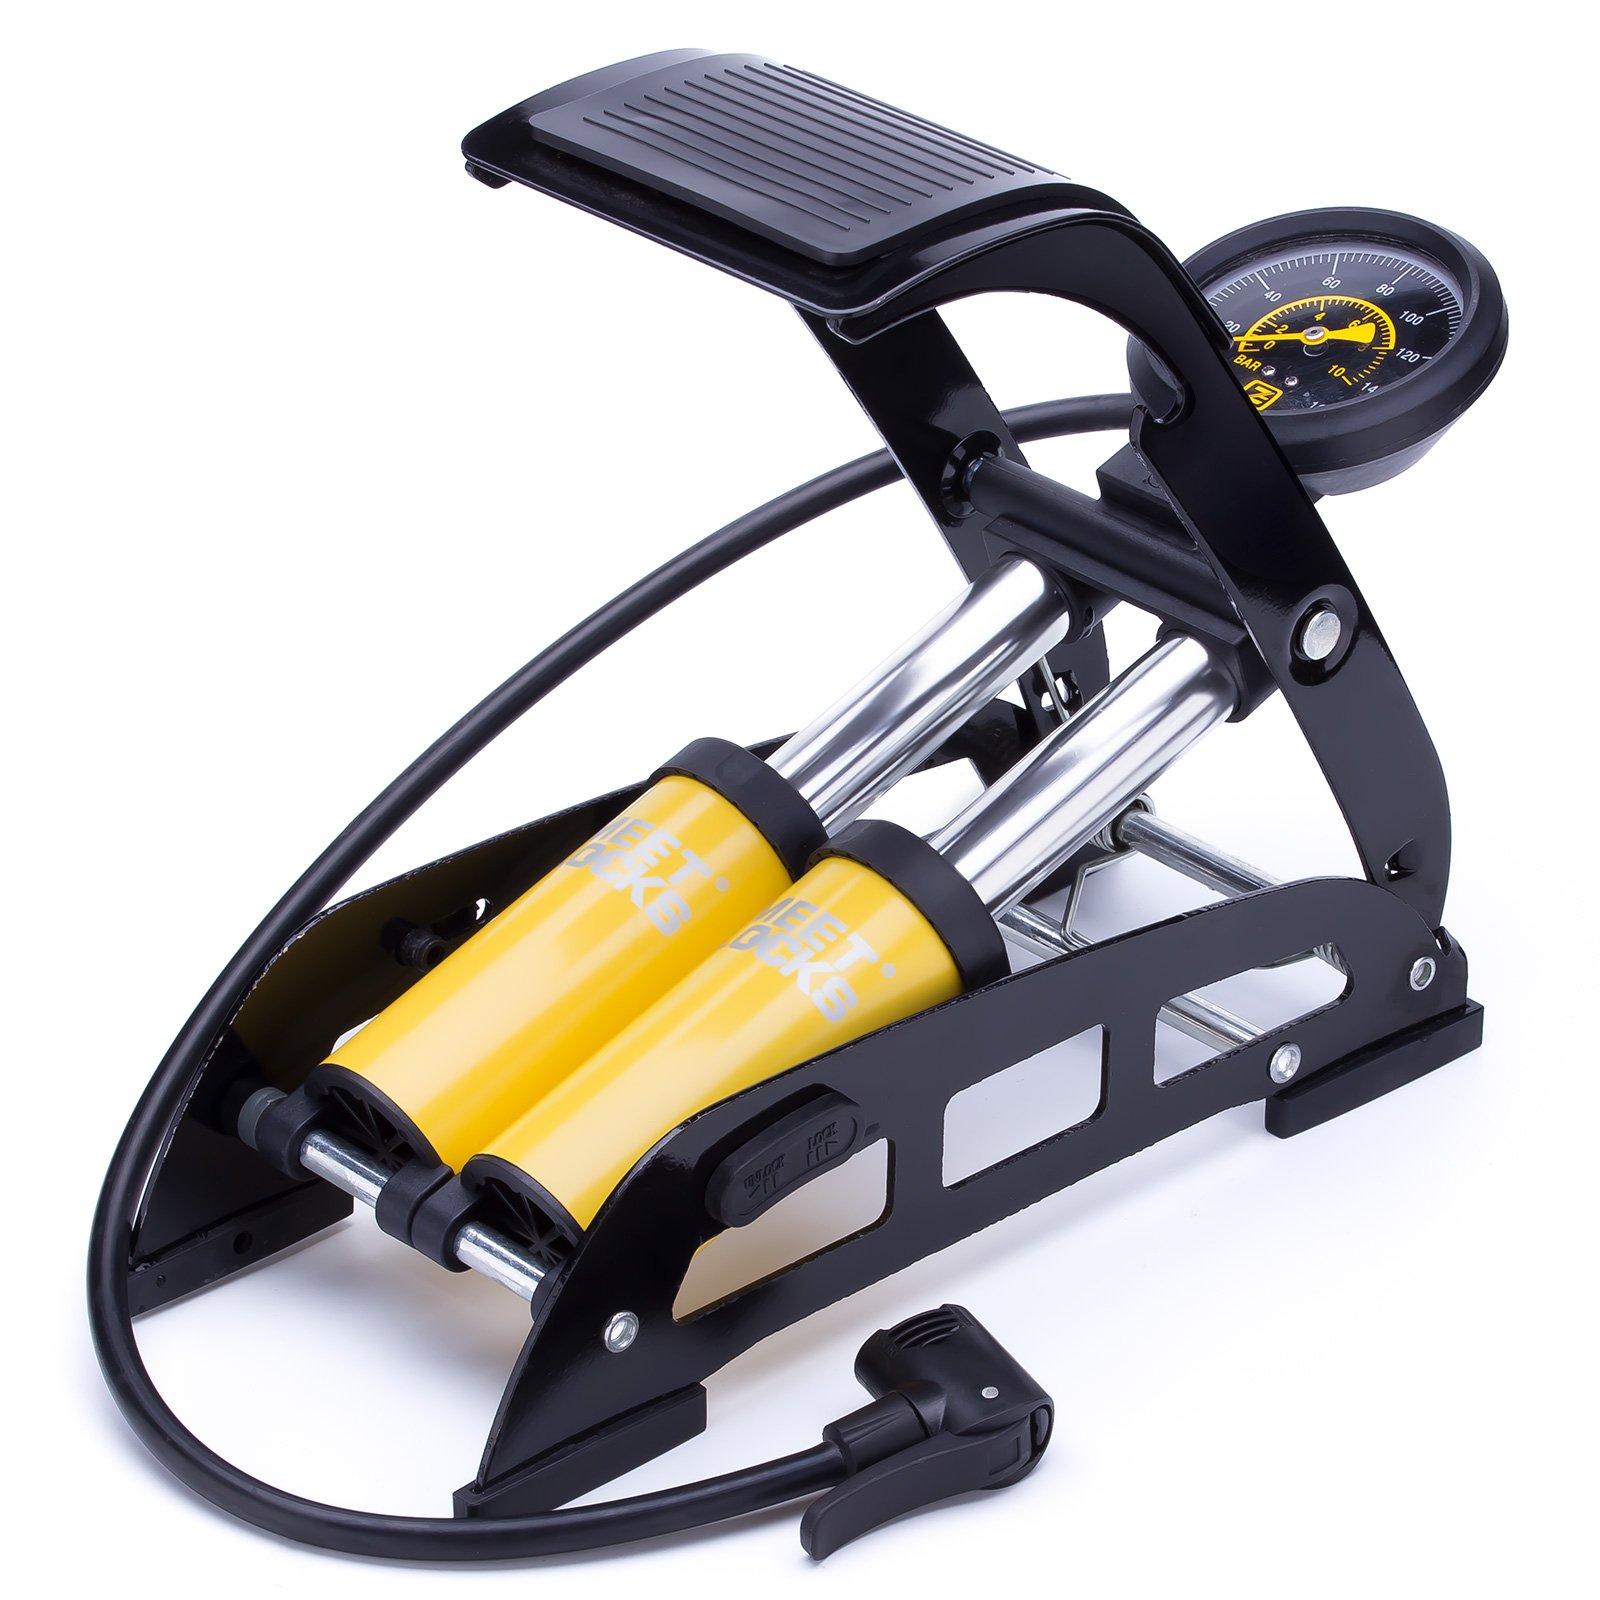 MEETLOCKS Bike Foot Pump,160PSI Aluminum Body Bike Floor Air Pump Accurate Pressure Gauge Smart Valve Head Presta,Schrader & Deutschland Valve